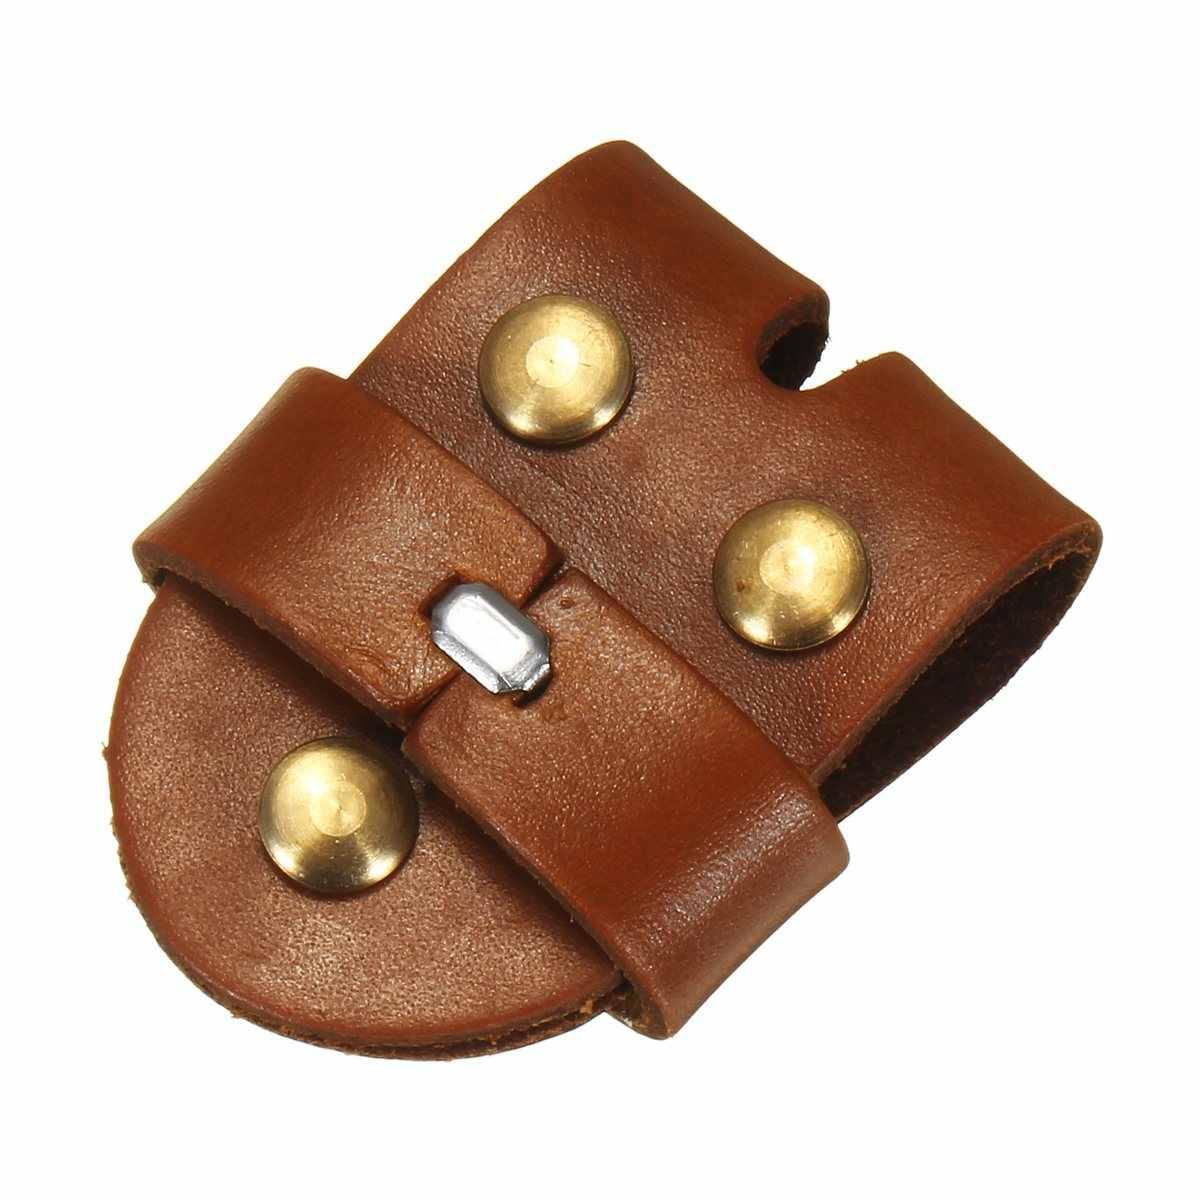 Kiwarm 1 قطعة حزام جلد الابازيم حزام الاكسسوارات كليب النساء الرجال حزام الابازيم ل 4 سنتيمتر حزام العرض